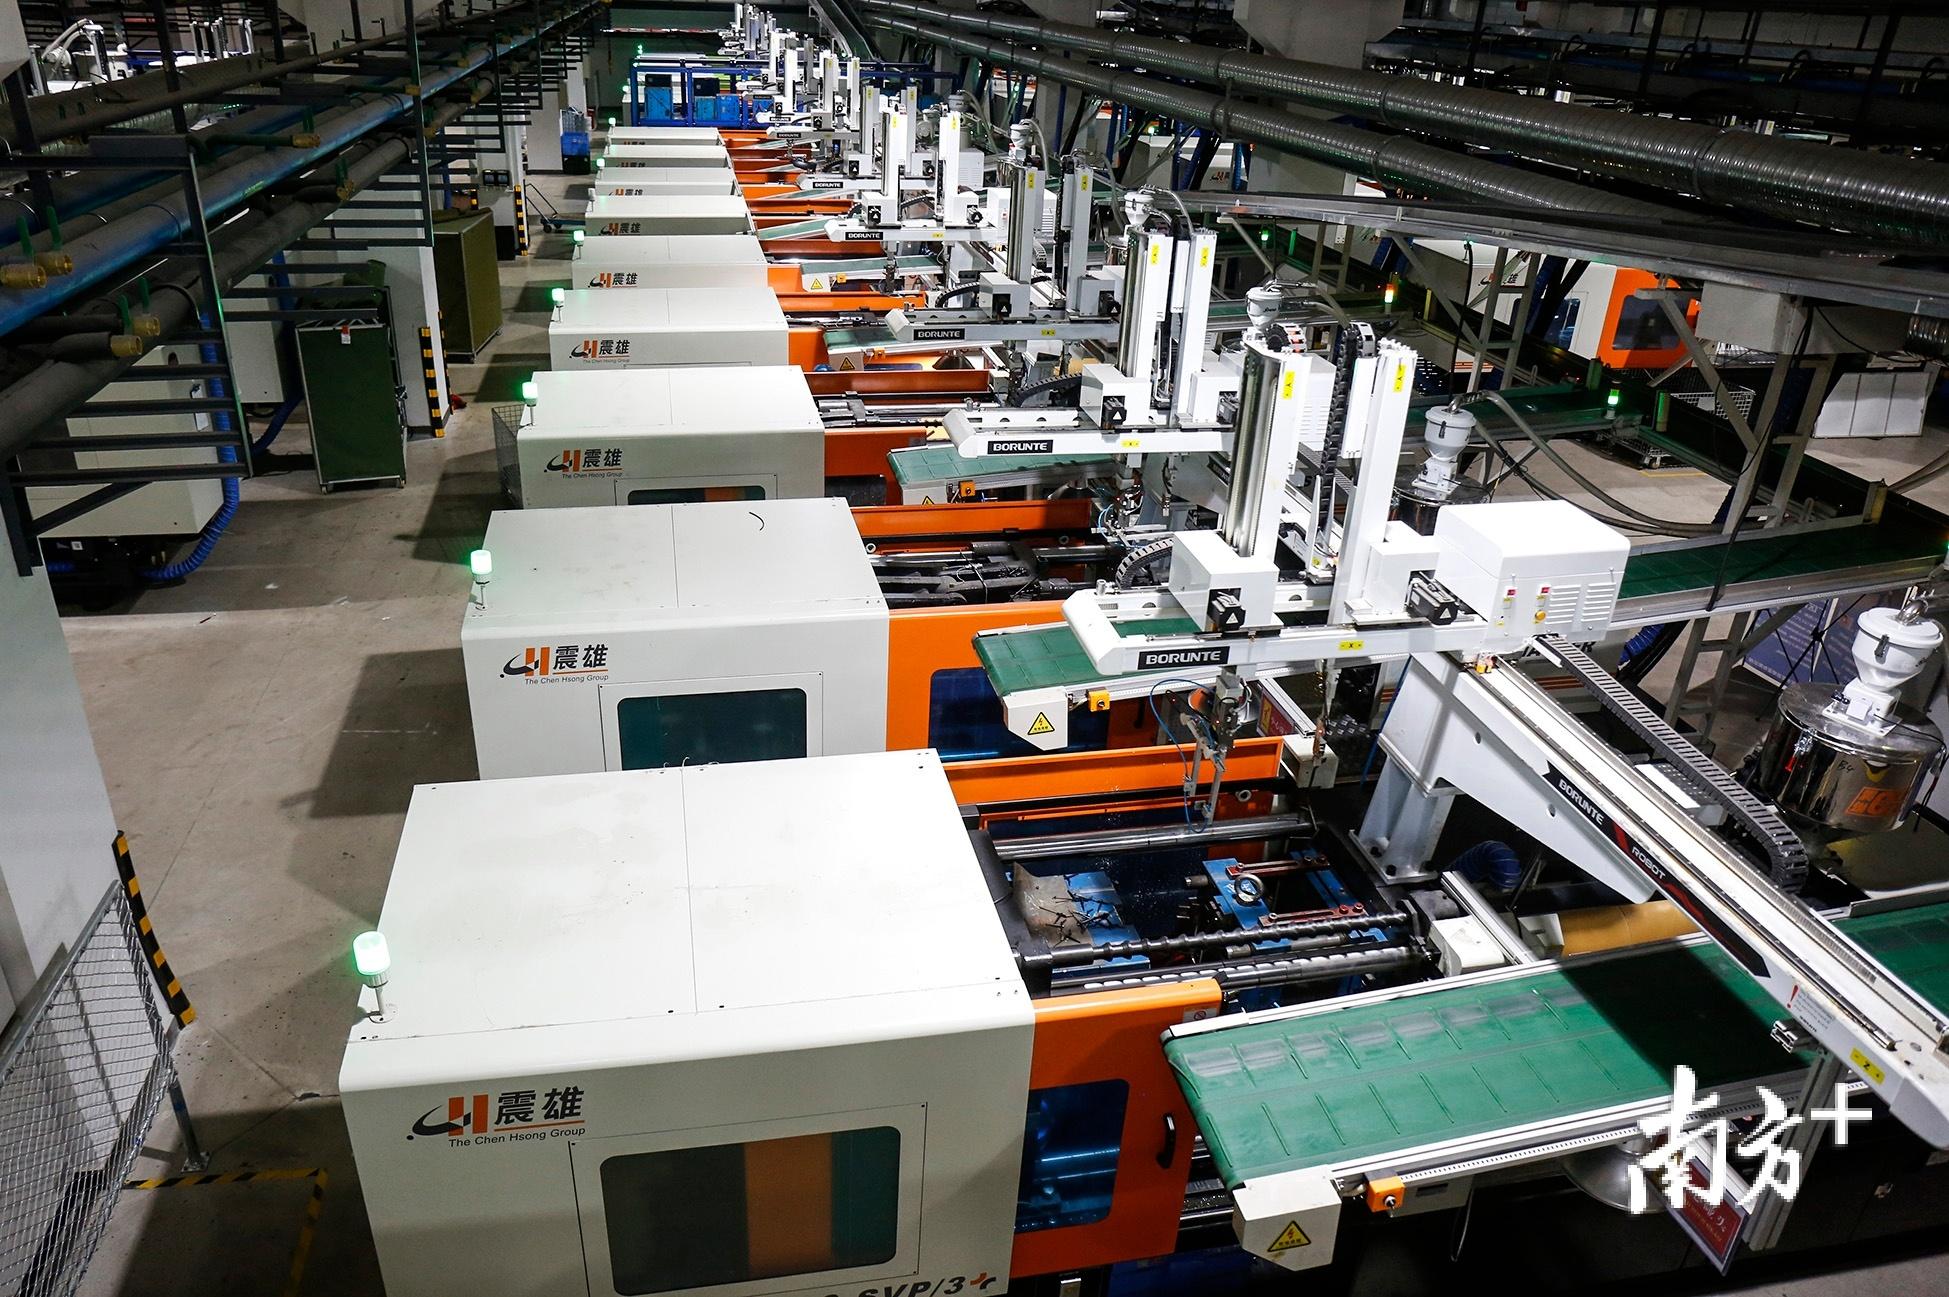 伊莱特智能家电制造基地生产线。